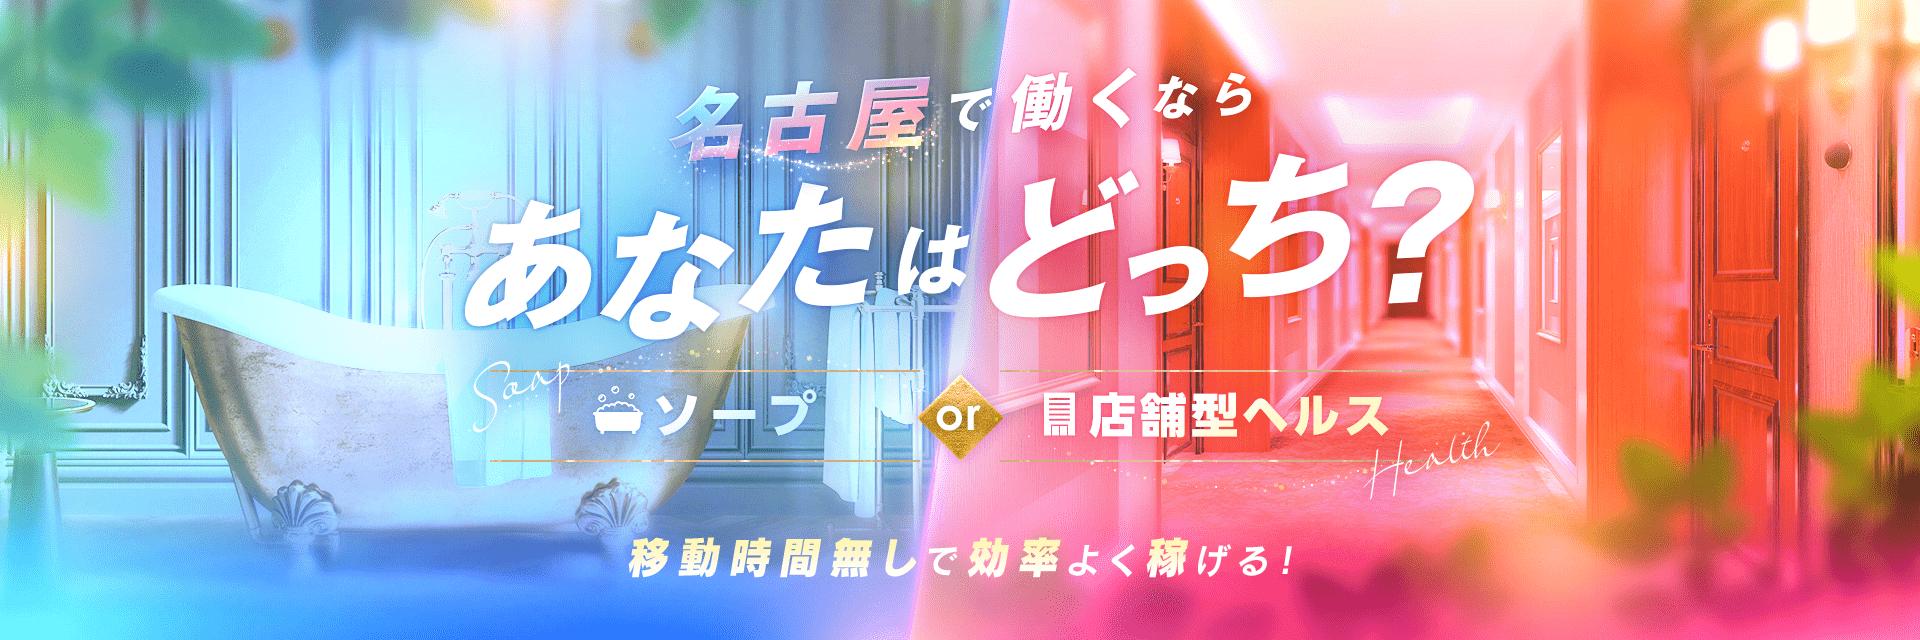 名古屋のソープ・店舗型ヘルス特集!